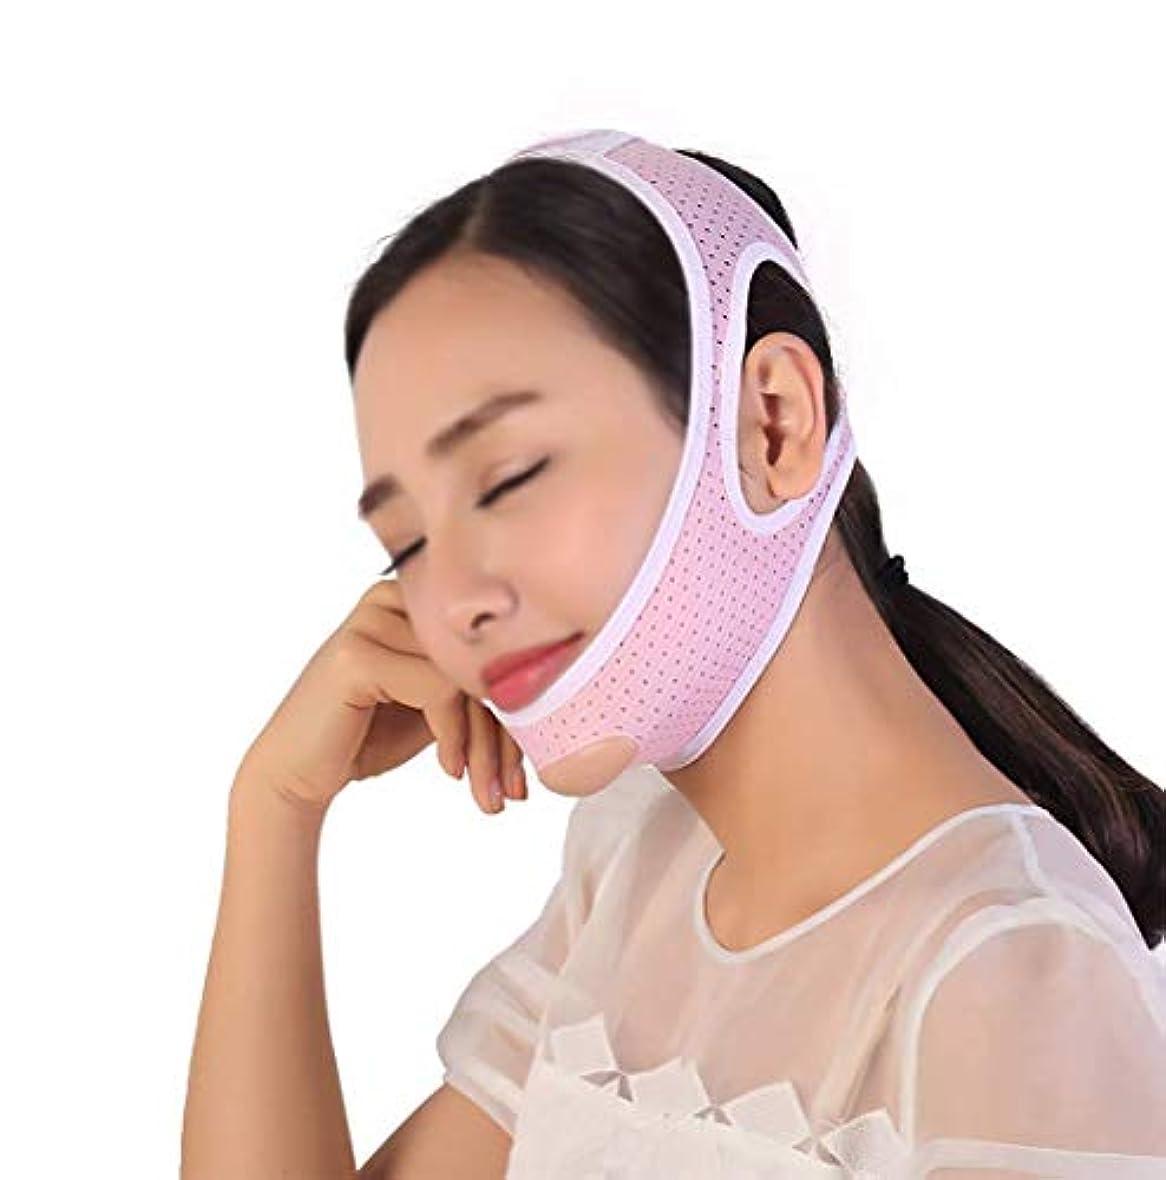 レイ職人リダクターフェイスリフトフェイシャル、肌のリラクゼーションを防ぐためのタイトなVフェイスマスクVフェイスアーティファクトフェイスリフトバンデージフェイスケア(サイズ:M)